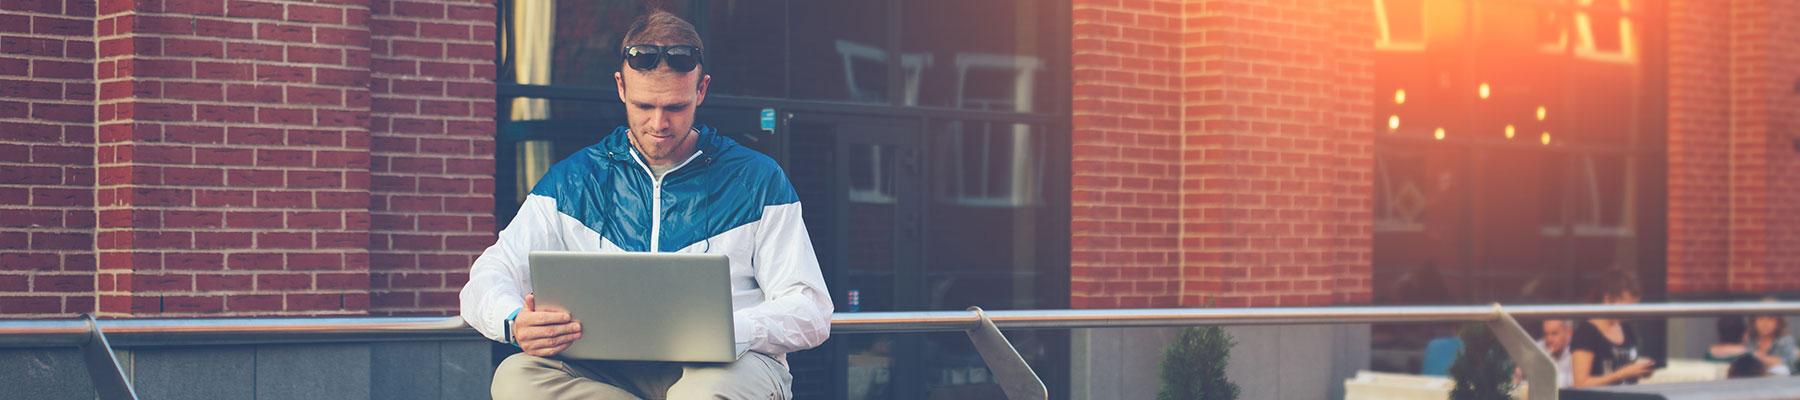 Male outside on laptop